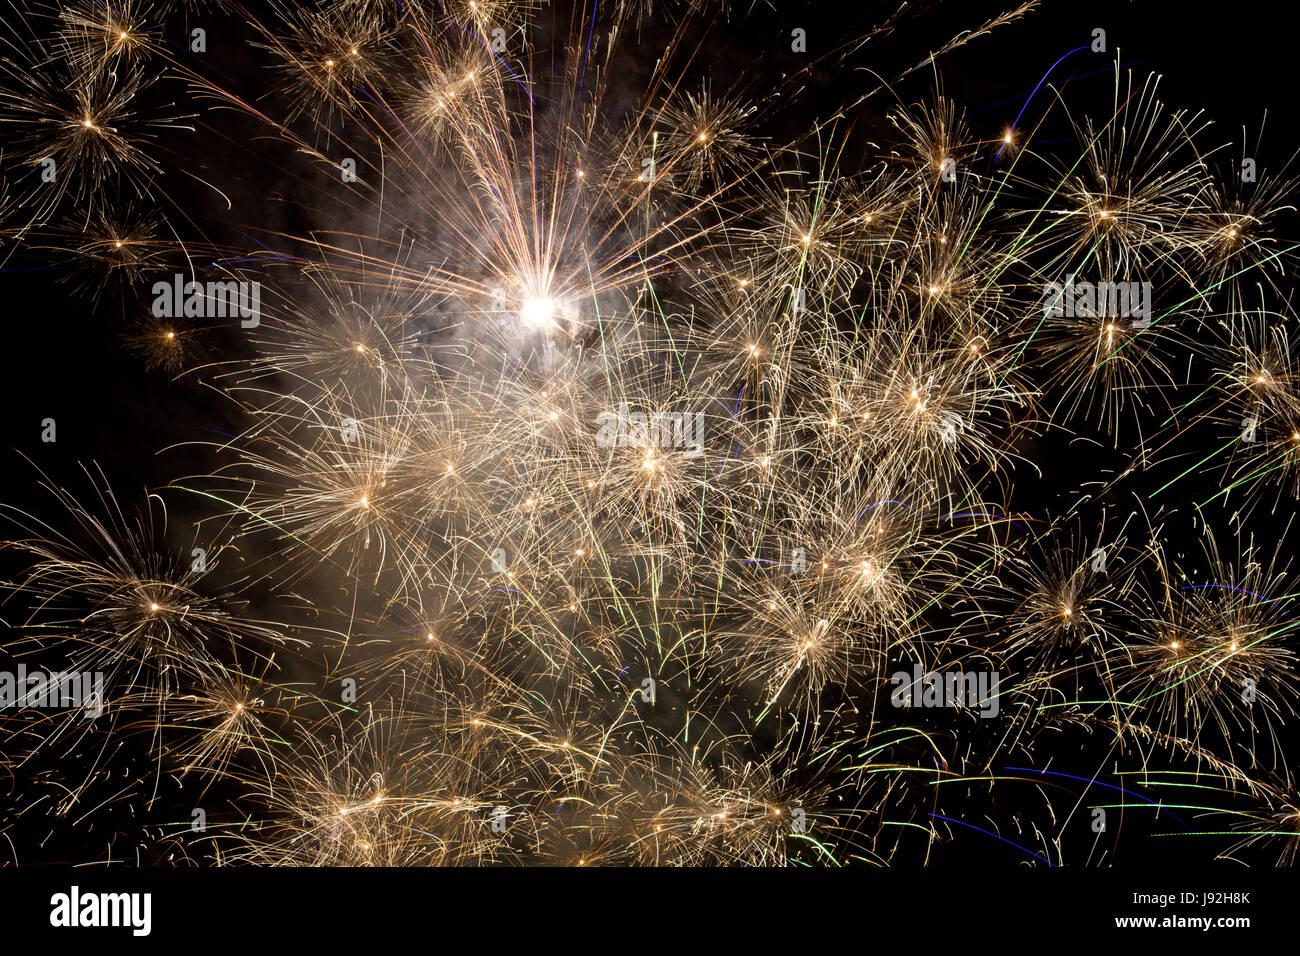 La exposición a largo plazo, Silvester, Nochevieja, Año Nuevo, cohete, saludos, Foto de stock